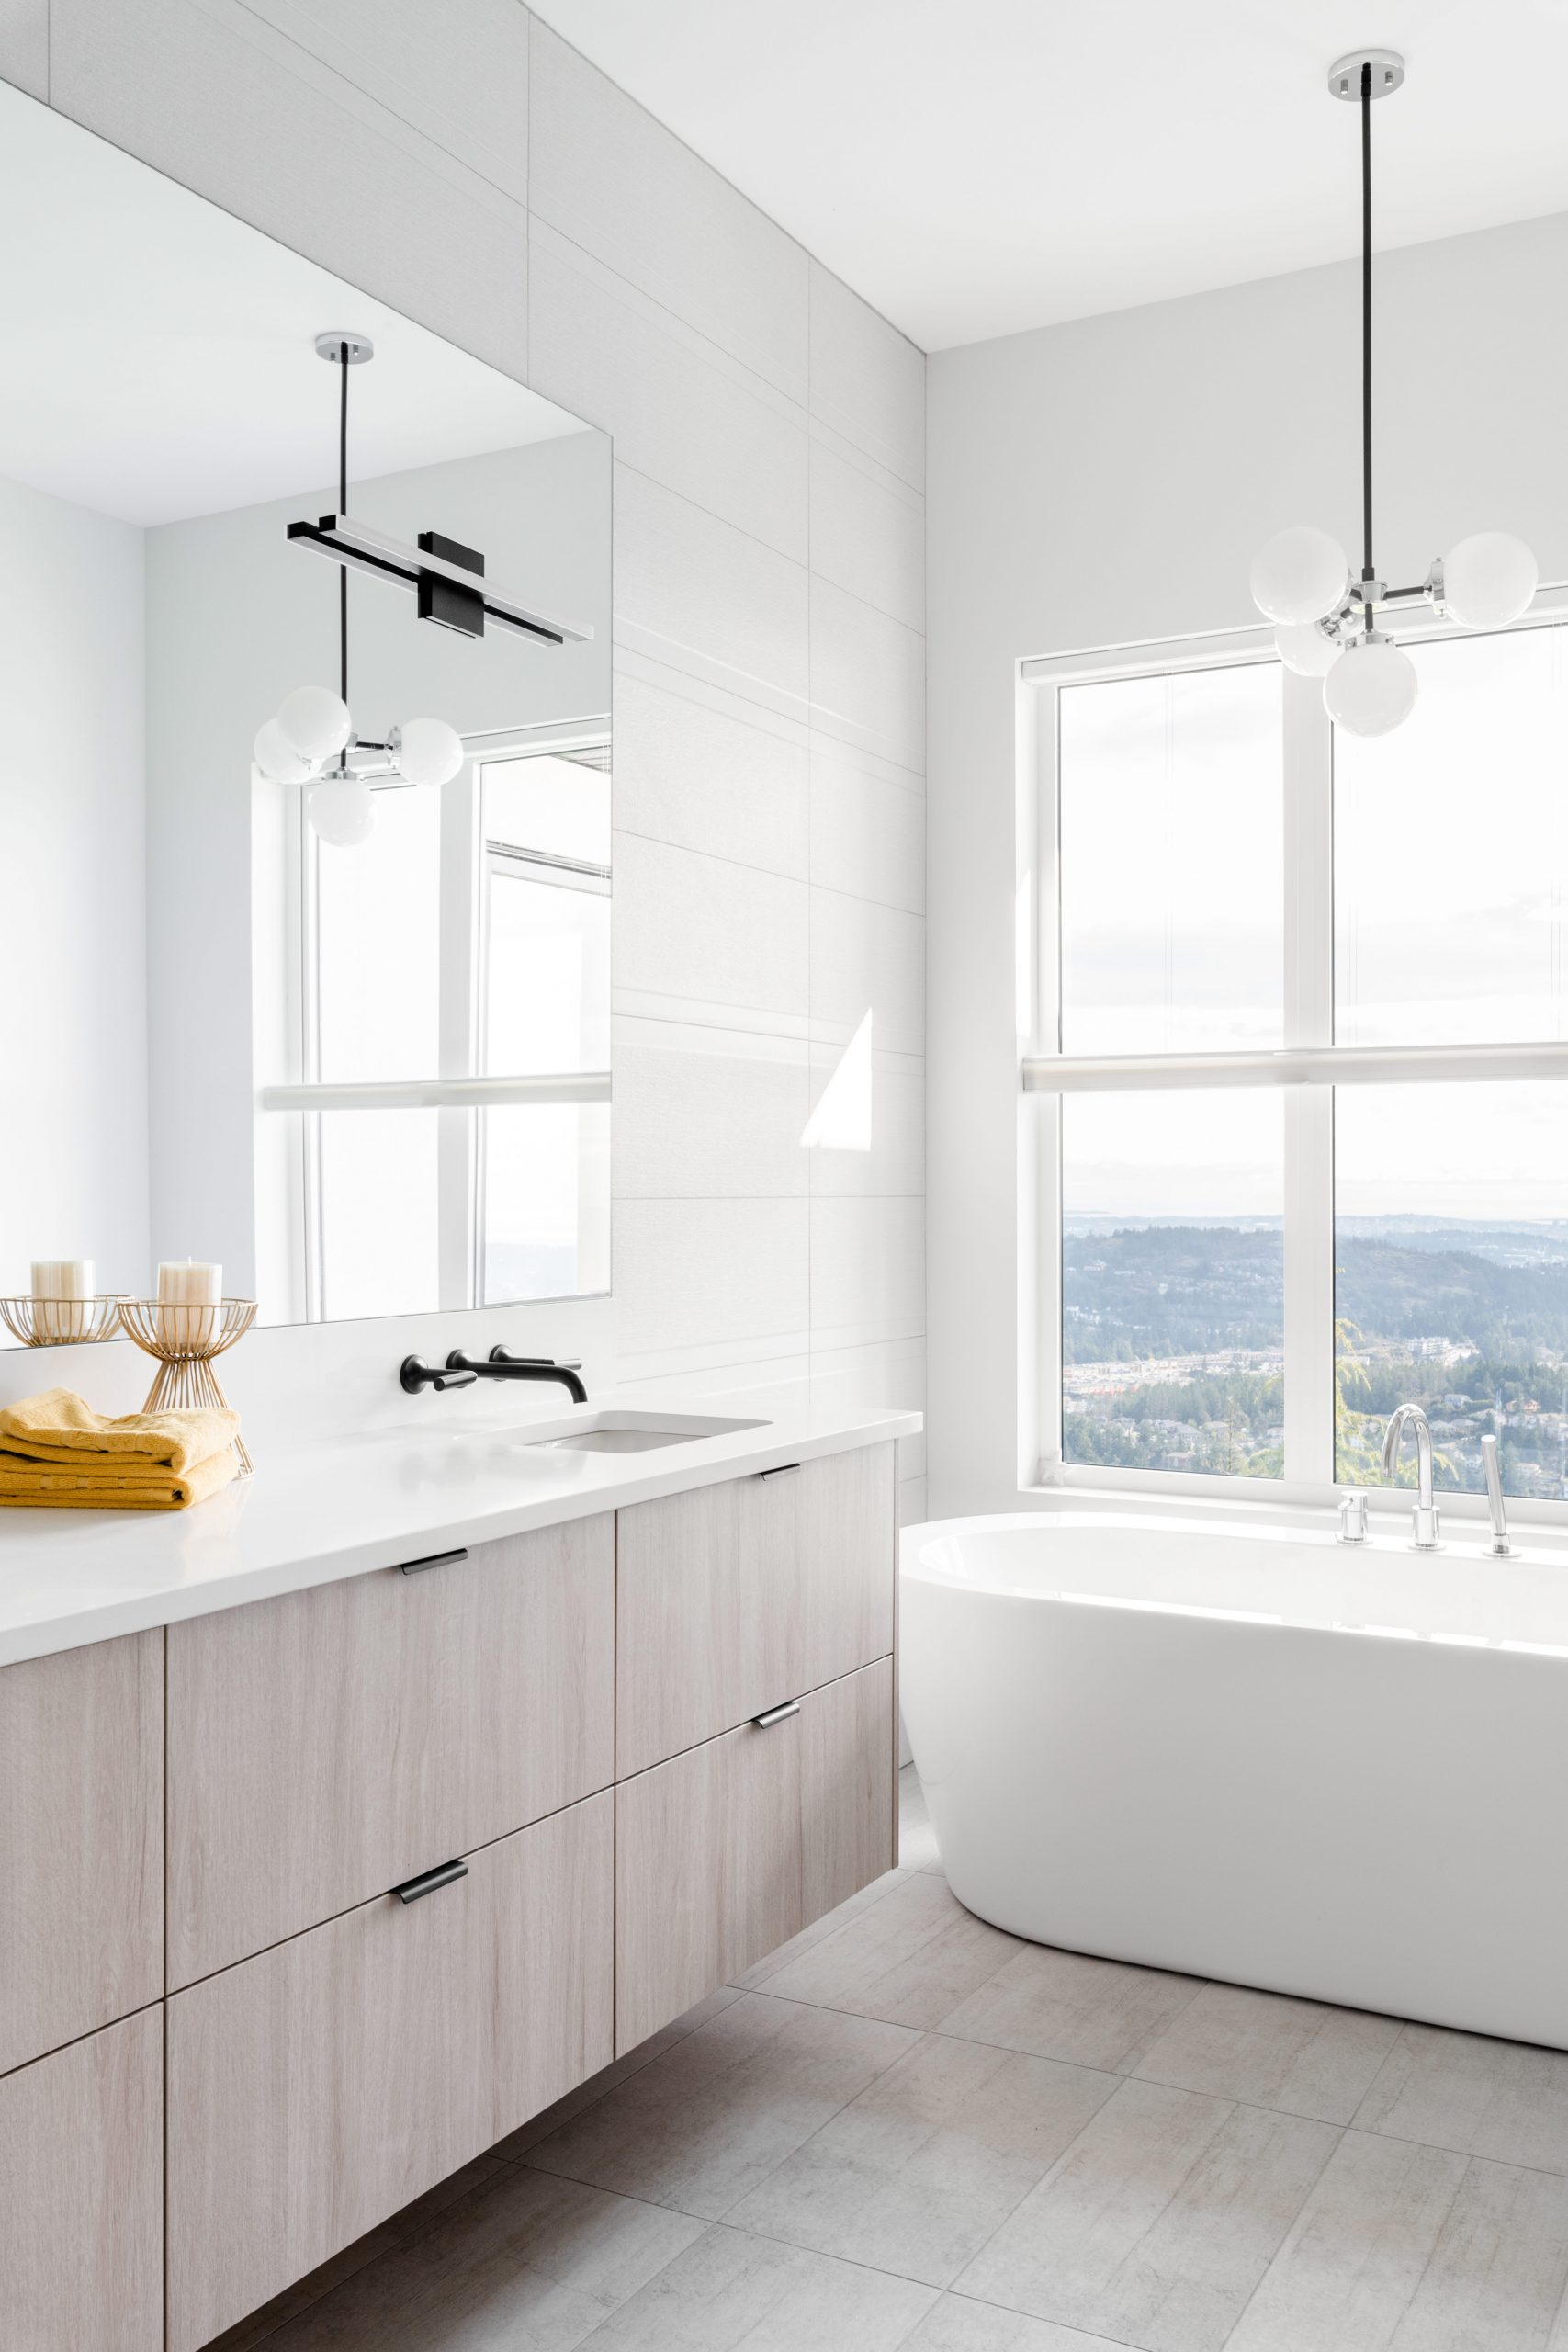 Cabico Custom Cabinets - Projet salle de bain 2 The Lookout - vue de côté